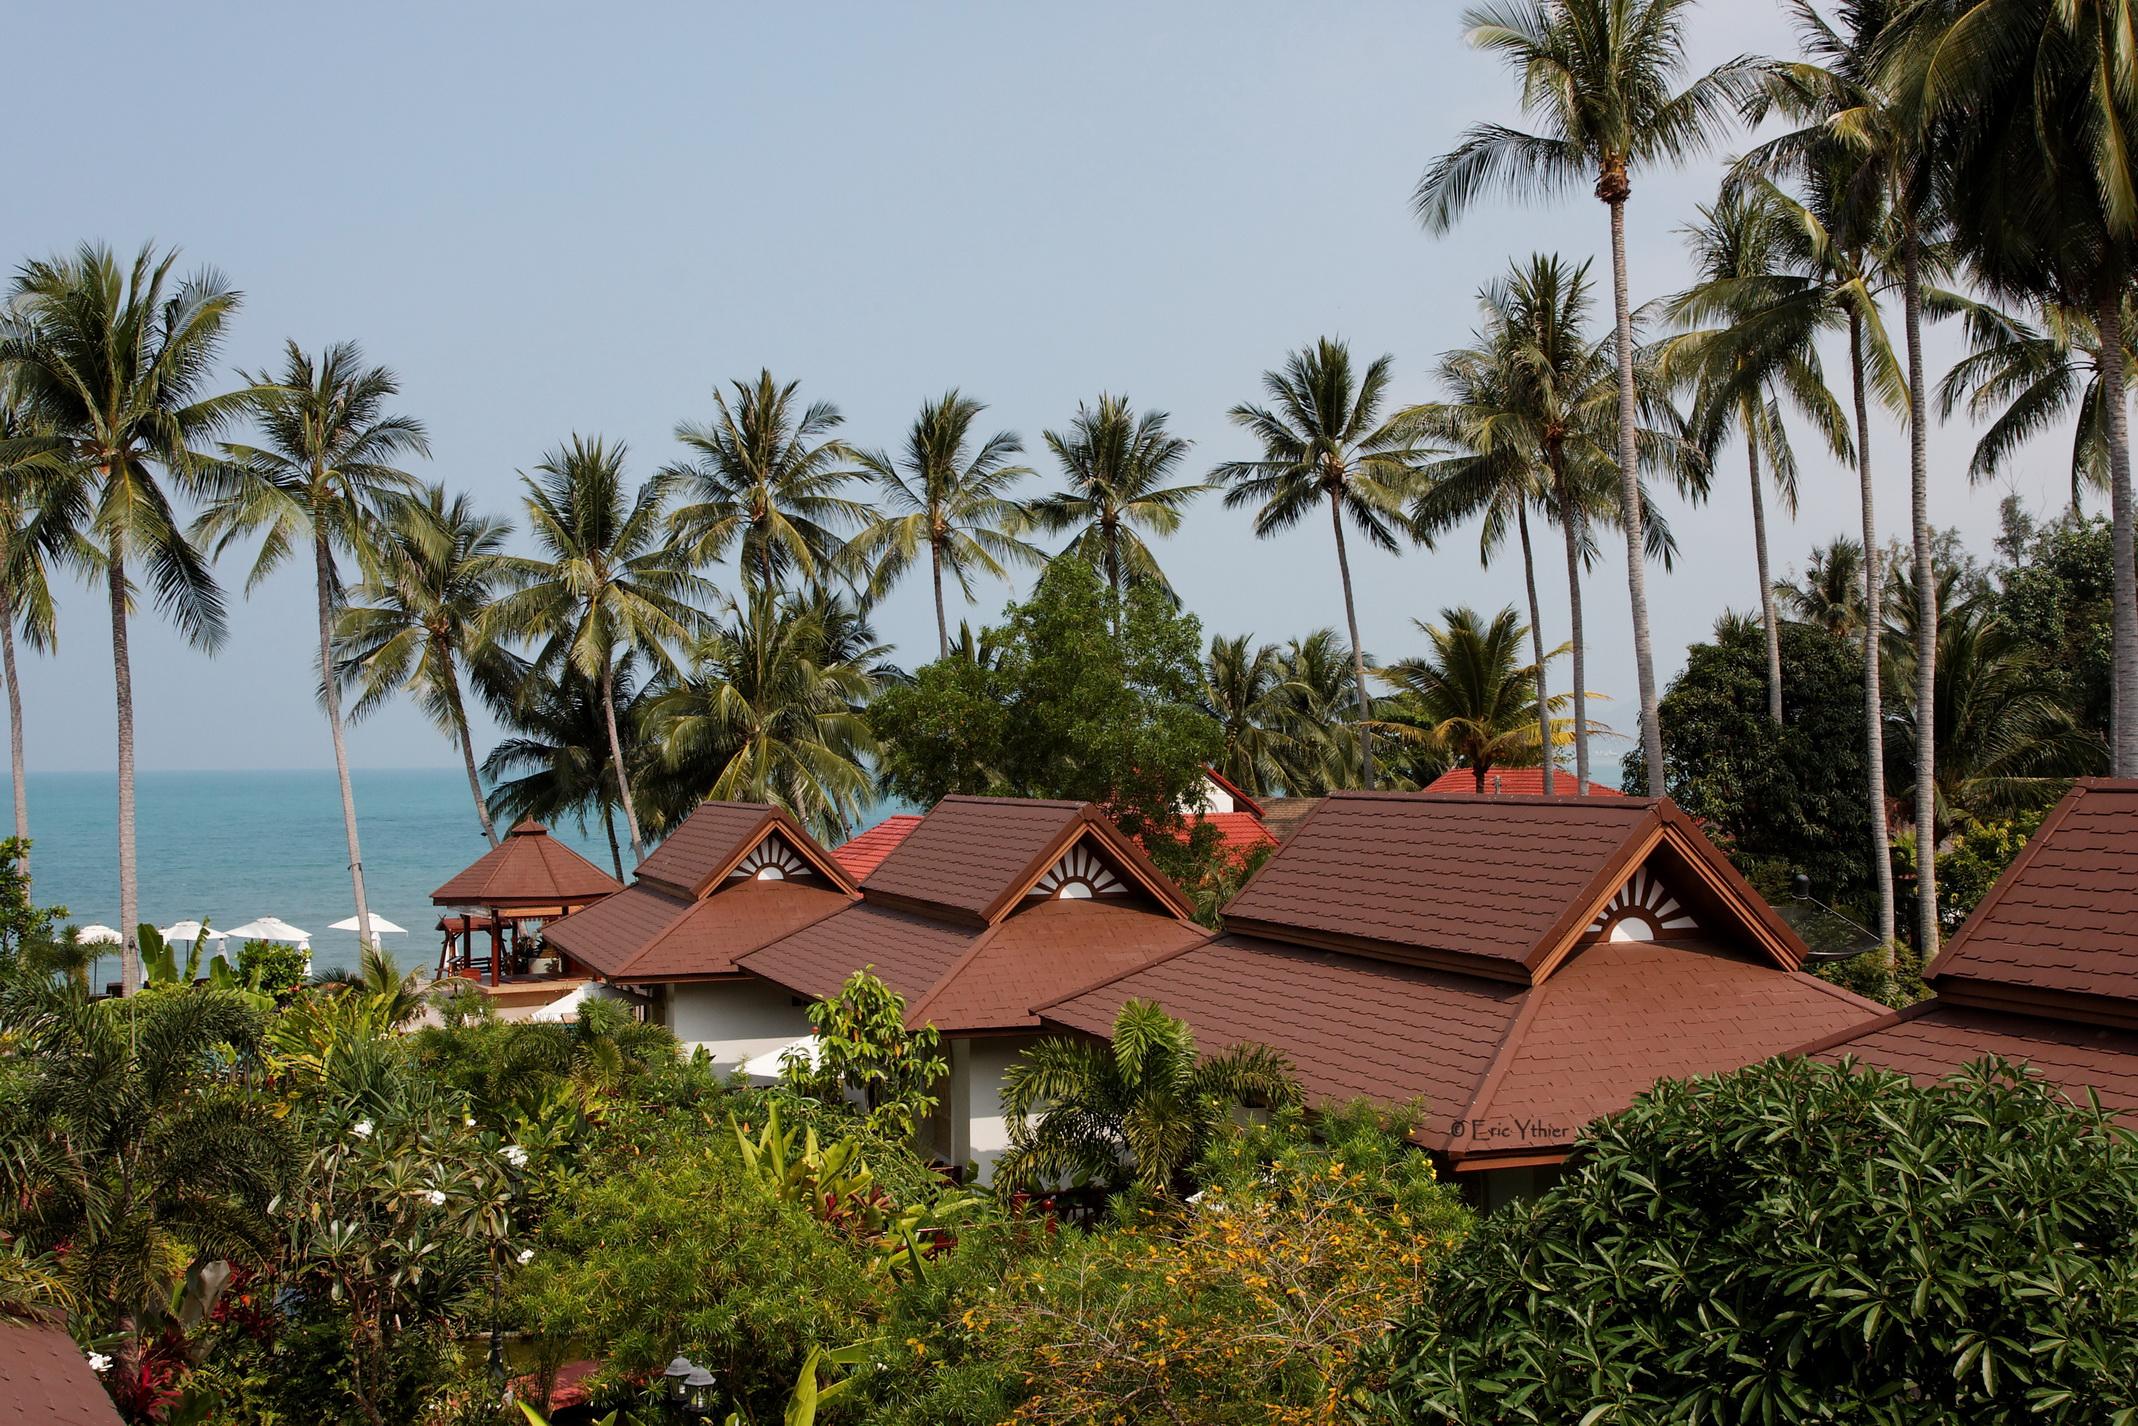 Hôtel - Koh Samui - Thaïlande